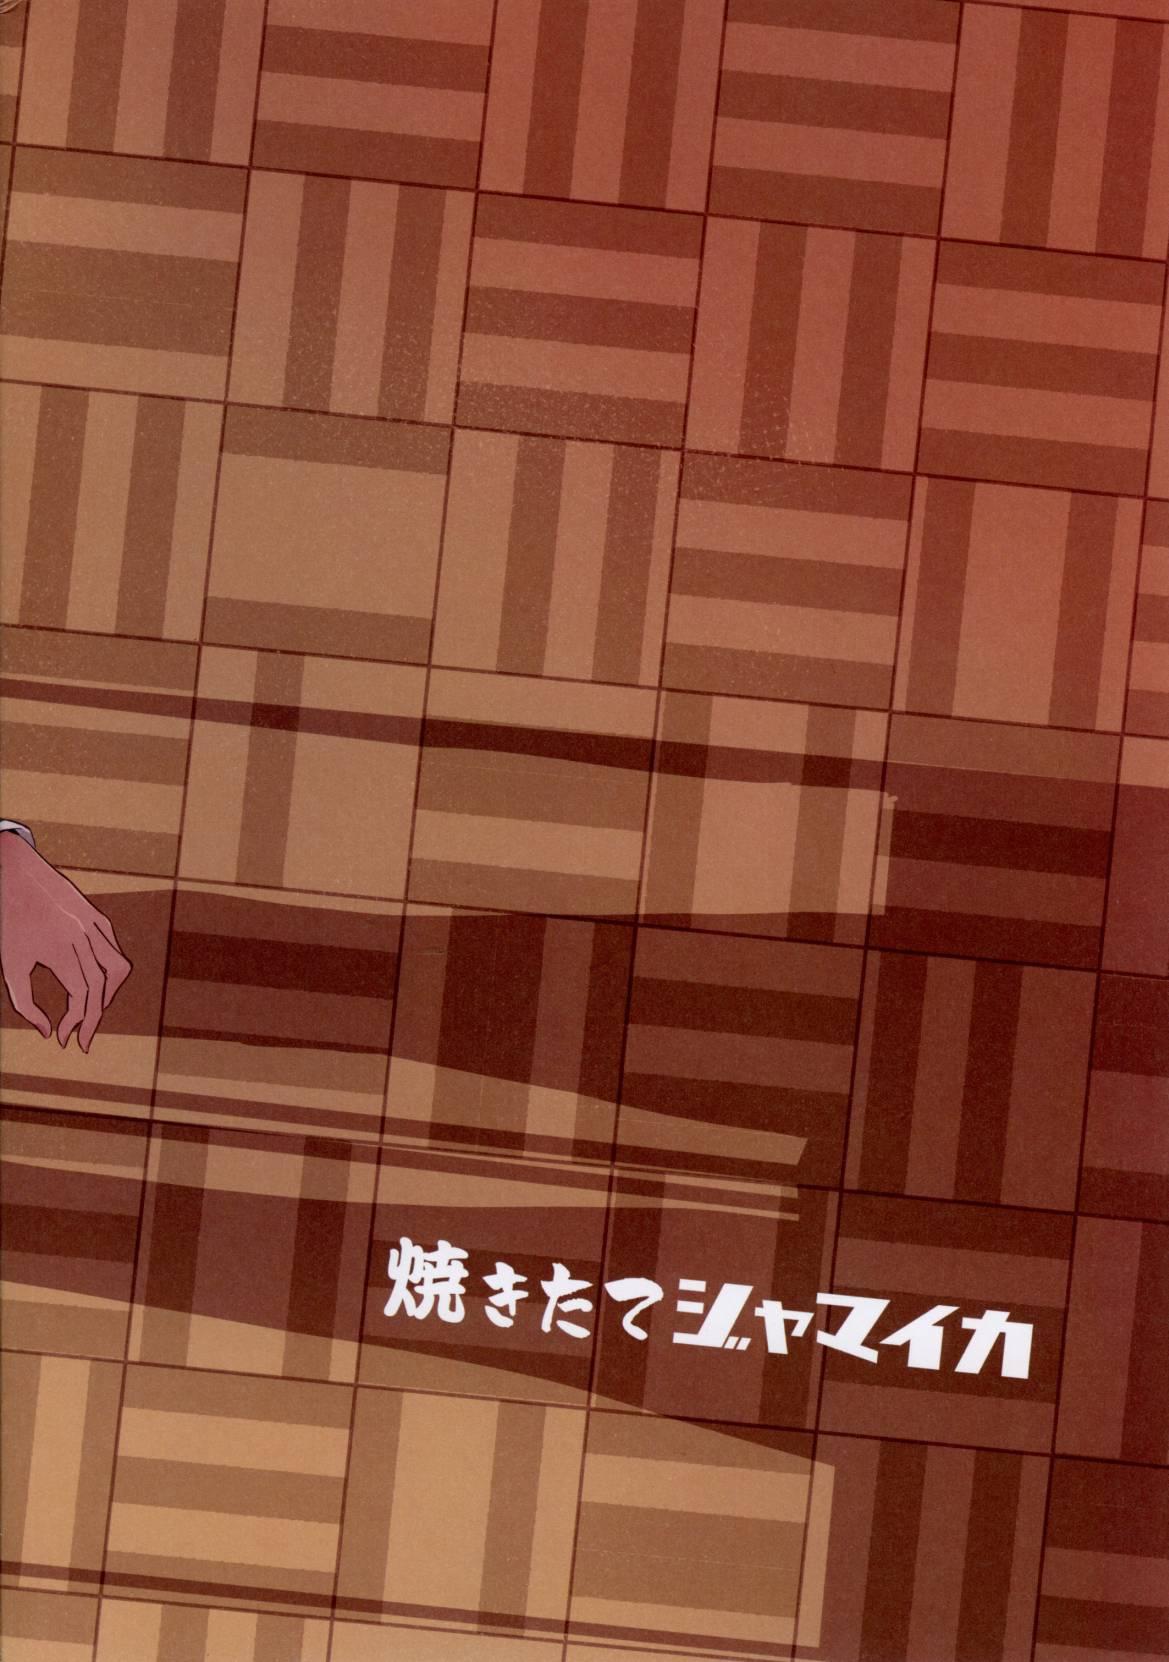 【ガルパン エロ漫画・エロ同人】いつもみんなを無意識に誘惑してた澤梓をチームふたなりで犯しつくすwwwww (2)